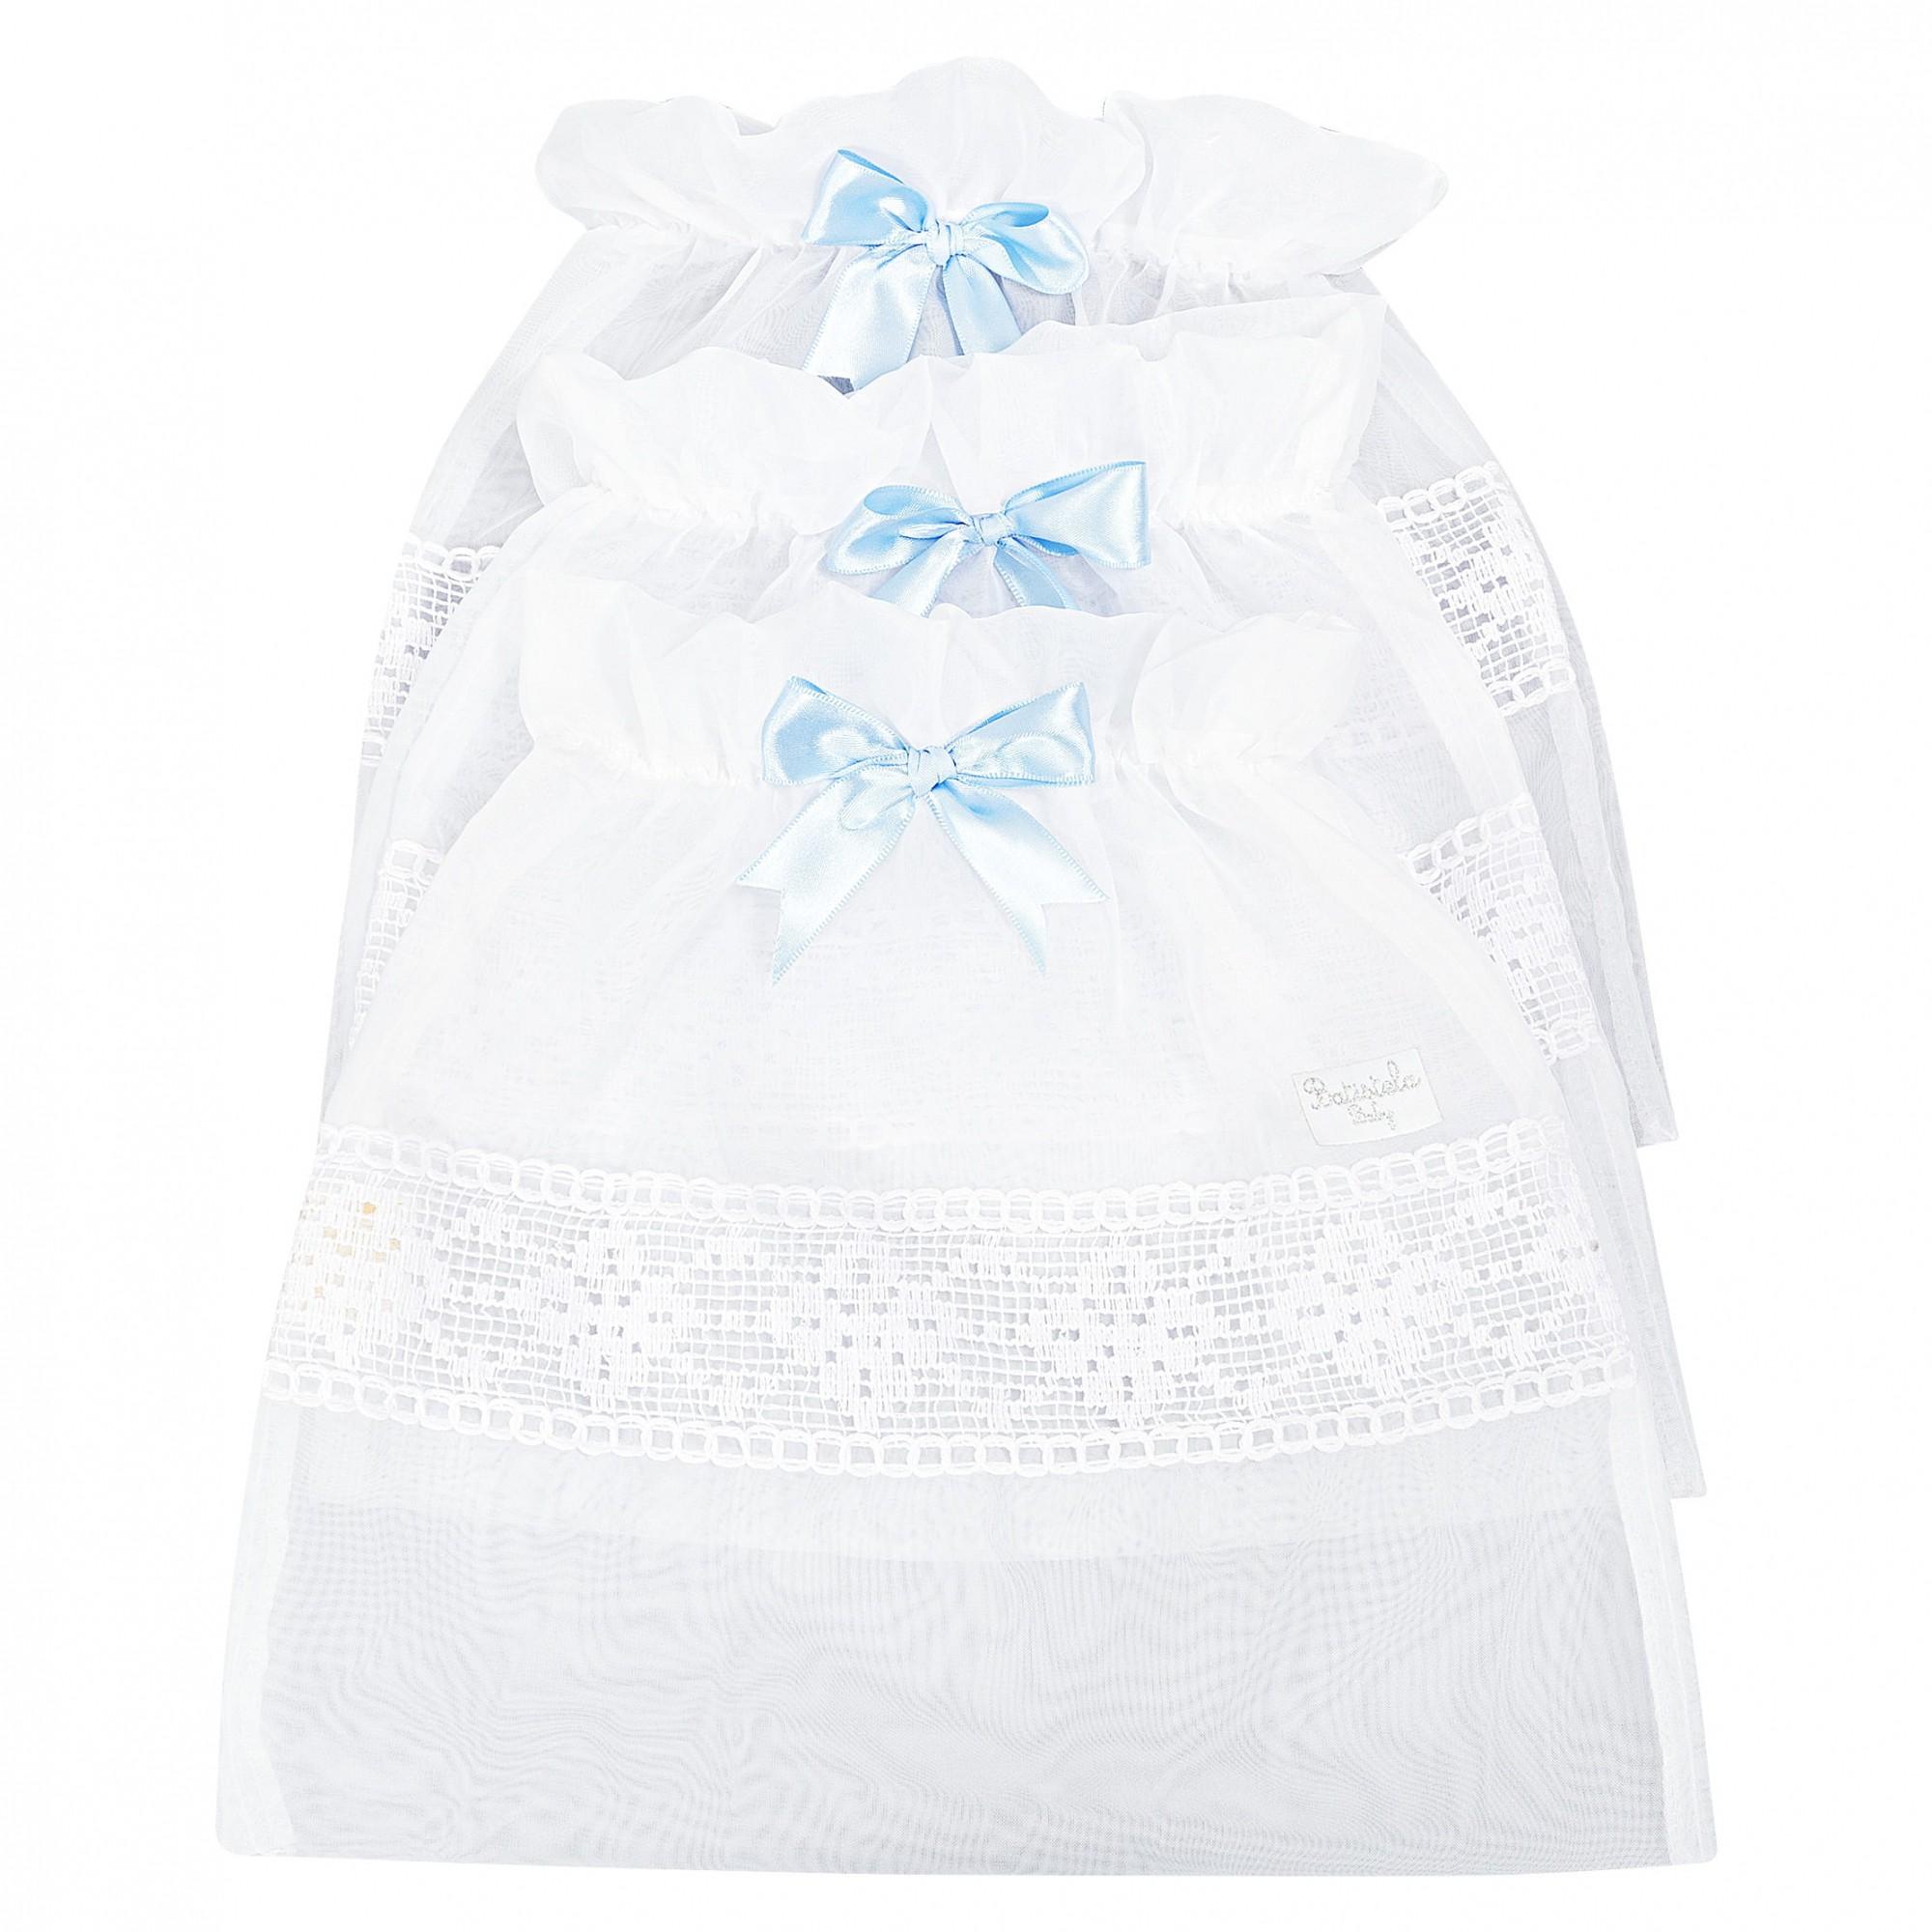 Saquinho Maternidade 3 Peças - Azul Batistela Baby